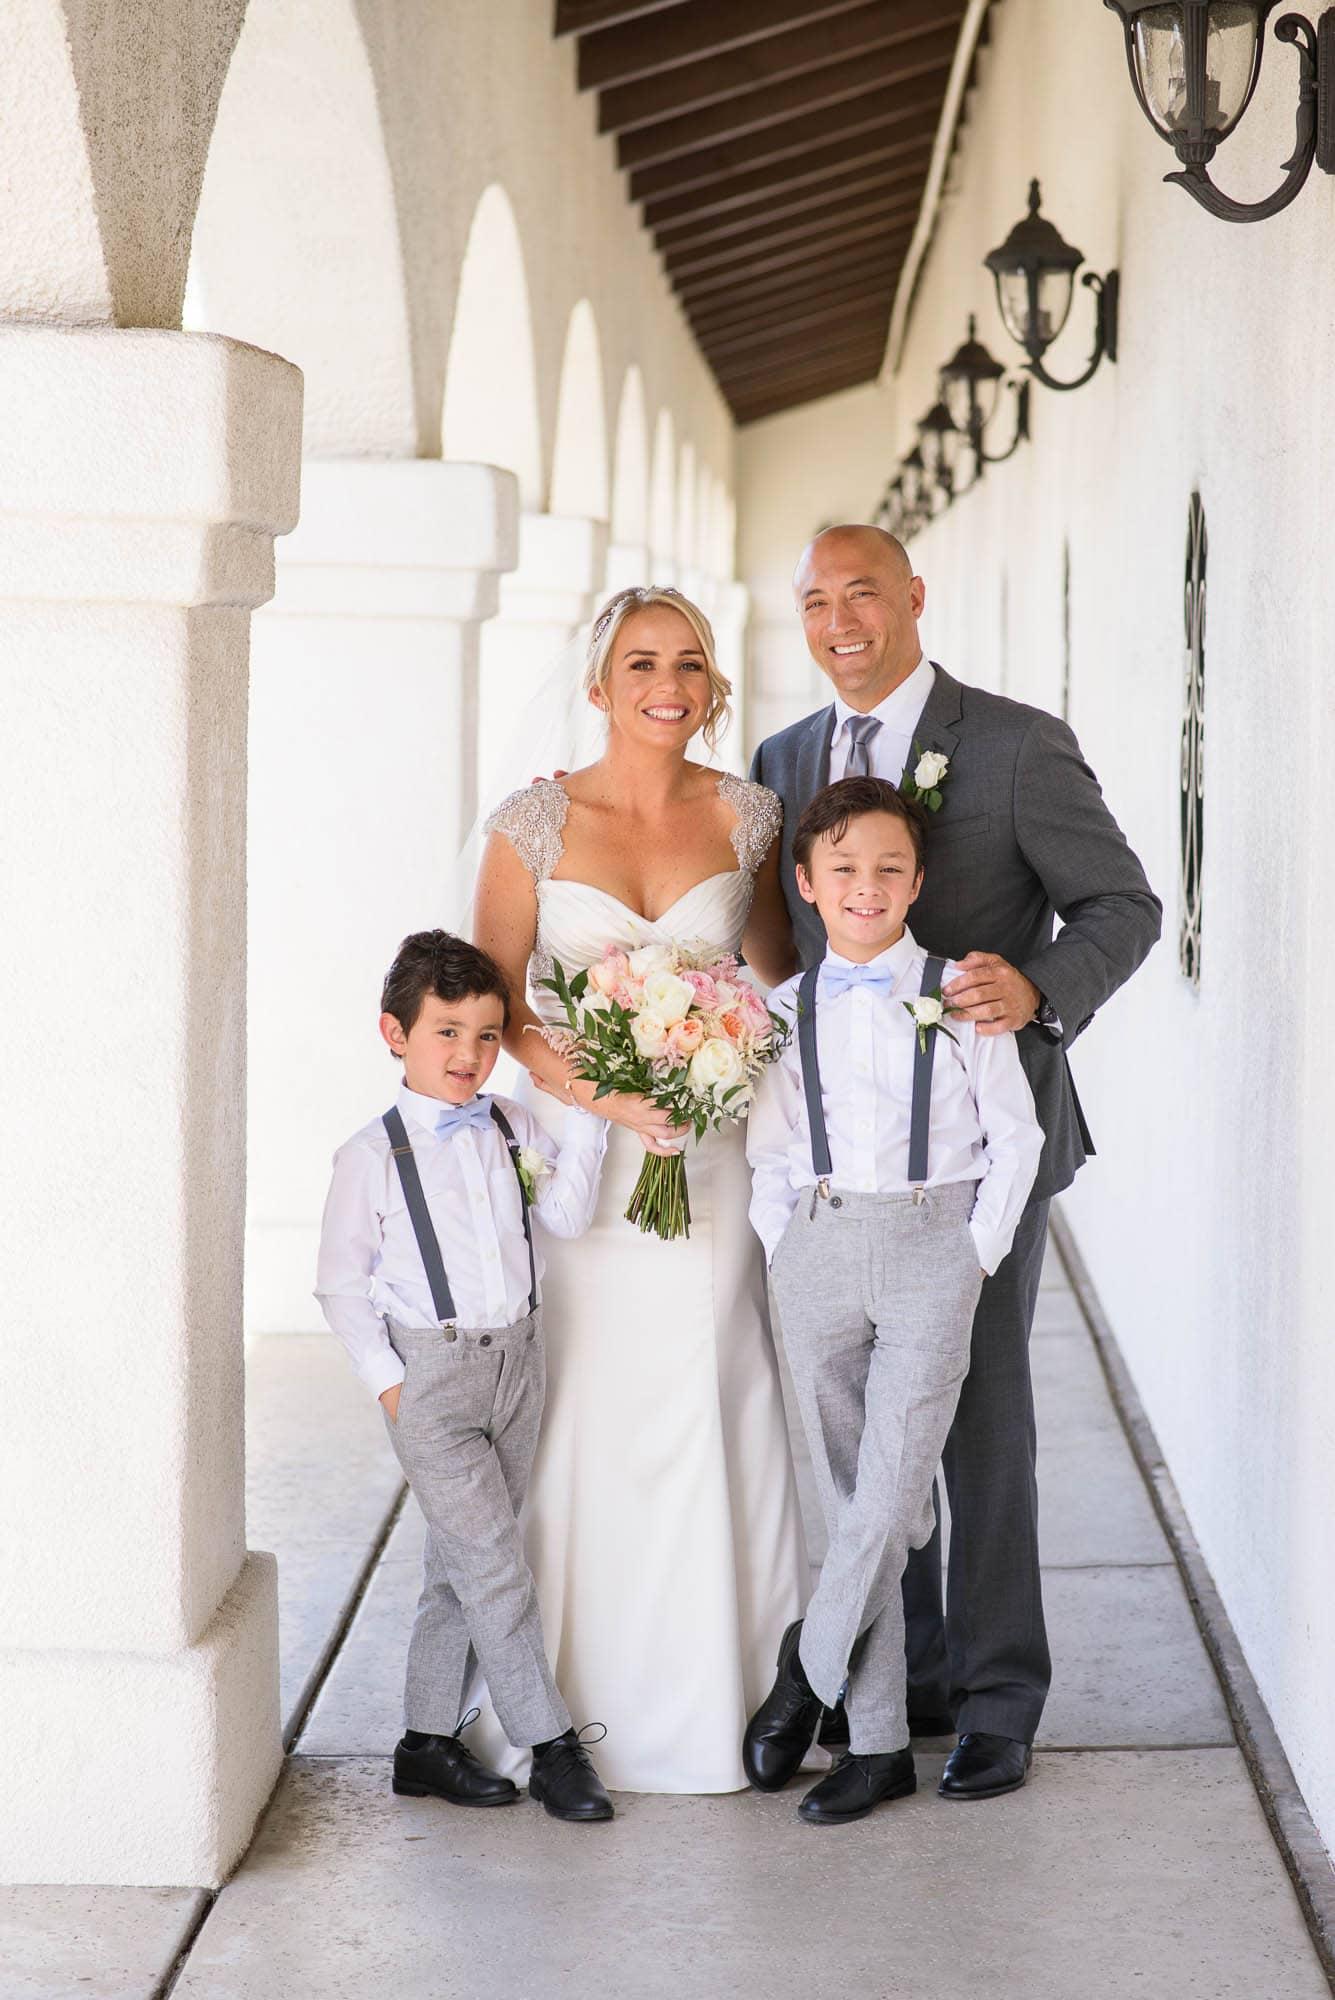 024_Alan_and_Heidi_Wedding_Amanda_Chad